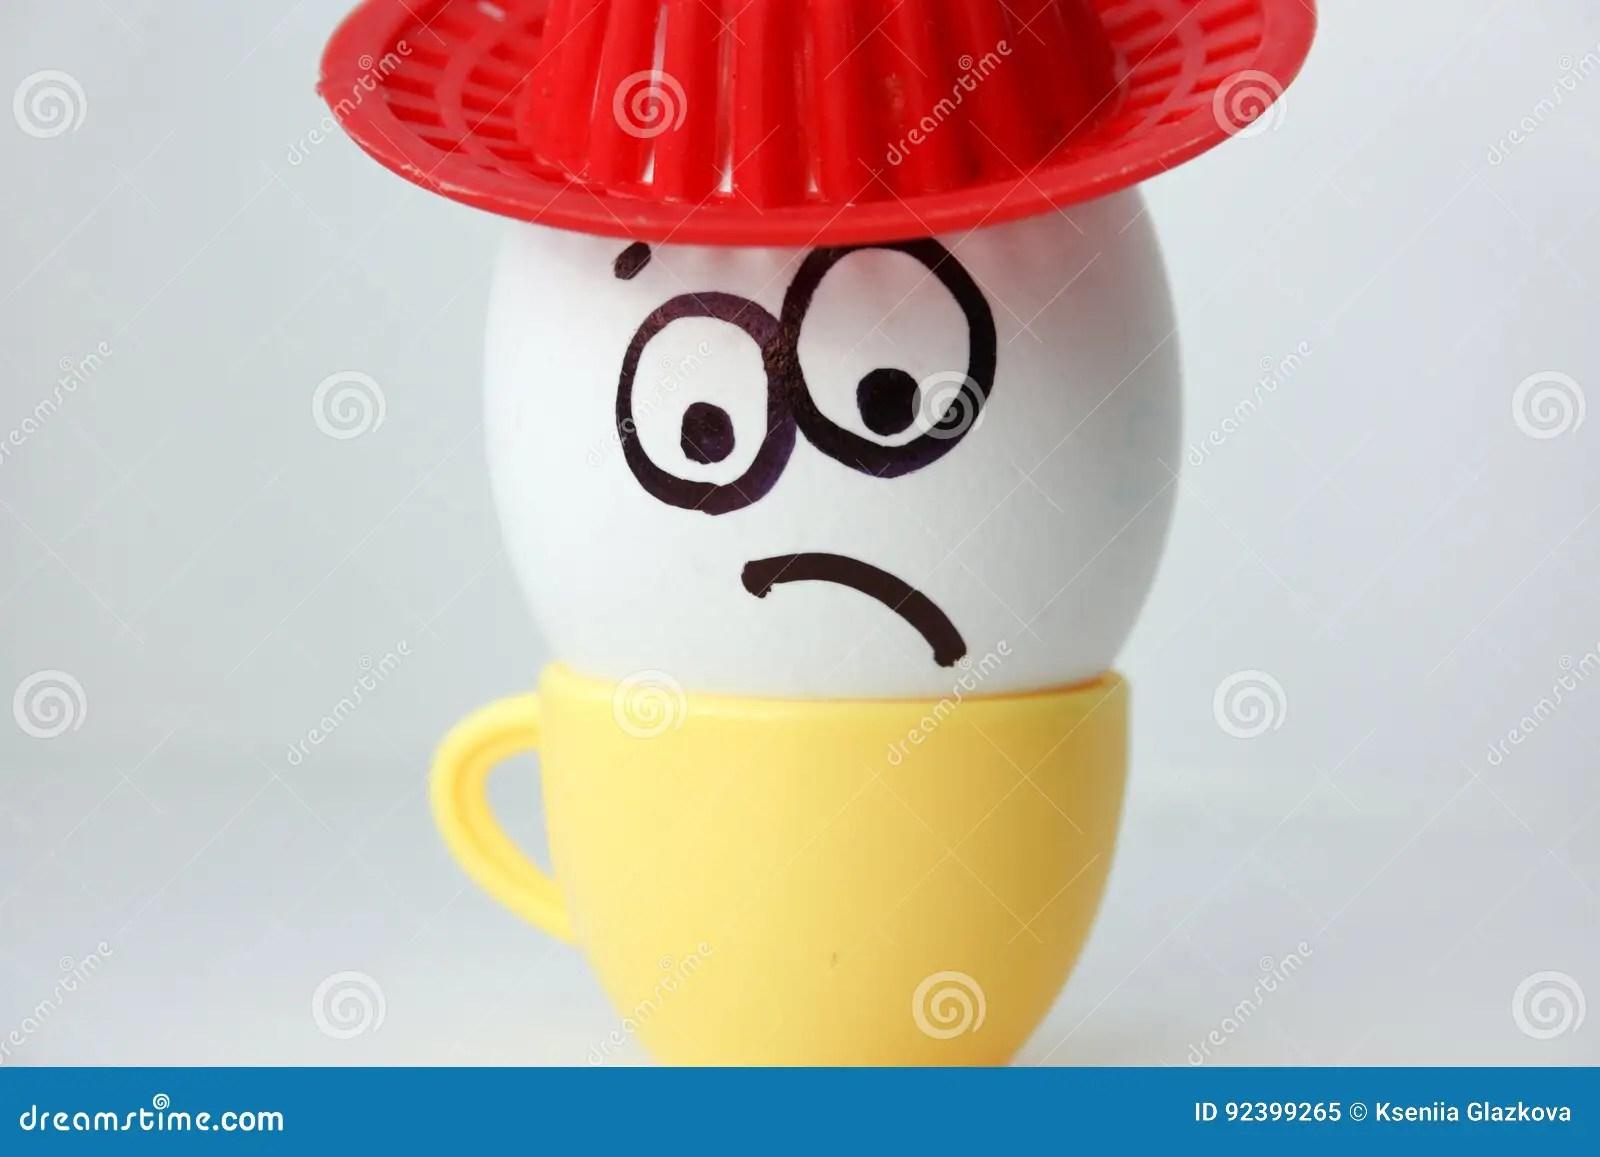 Gesicht Eier Und Axeln Rasiert Sich Wie Eine Seerobbe Fuhlen